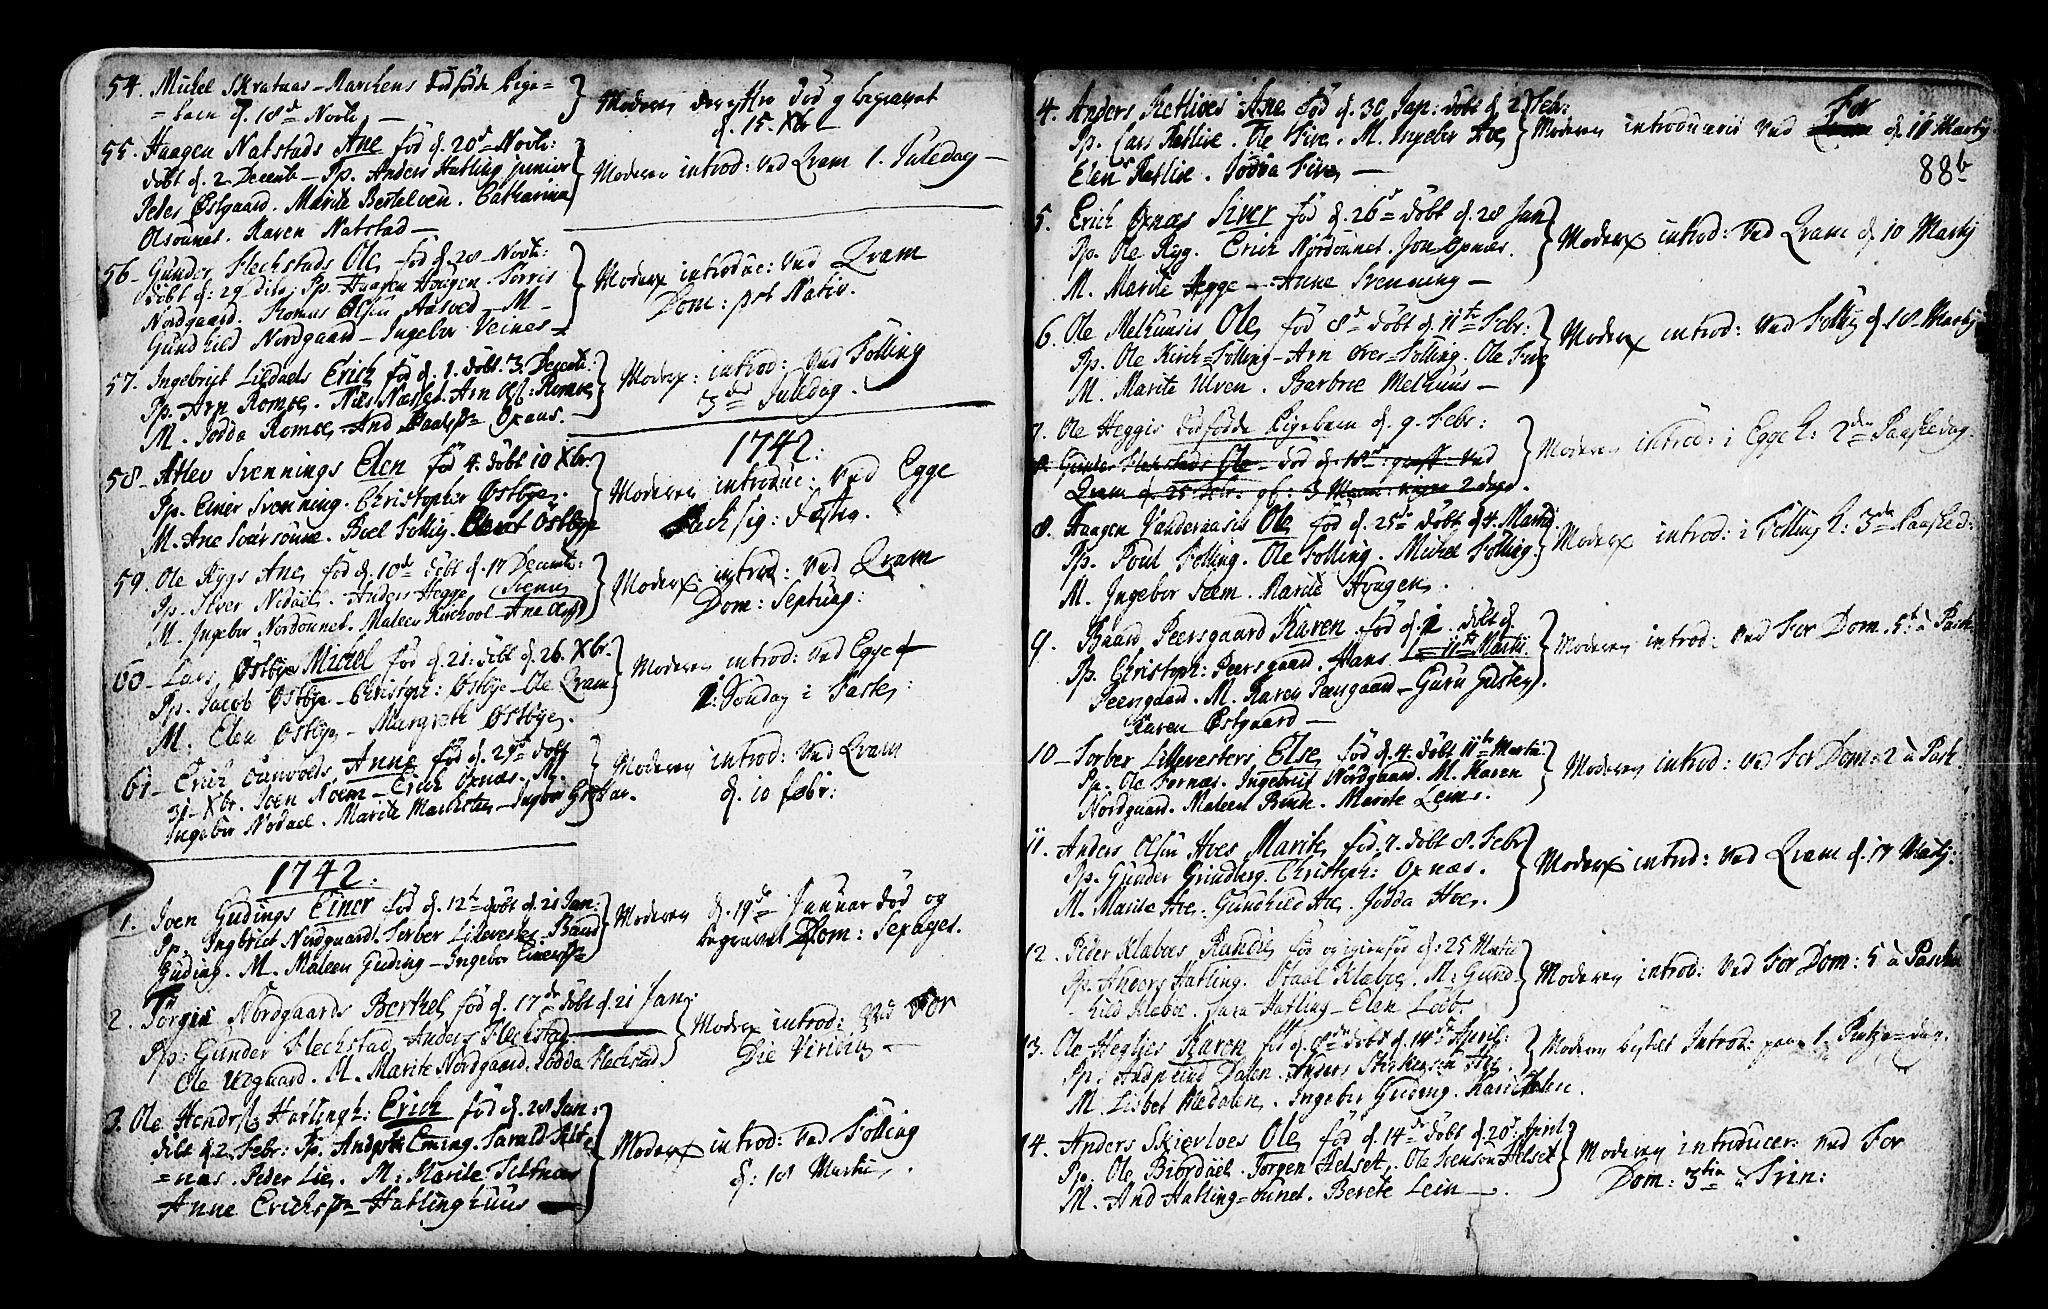 SAT, Ministerialprotokoller, klokkerbøker og fødselsregistre - Nord-Trøndelag, 746/L0439: Ministerialbok nr. 746A01, 1688-1759, s. 88c